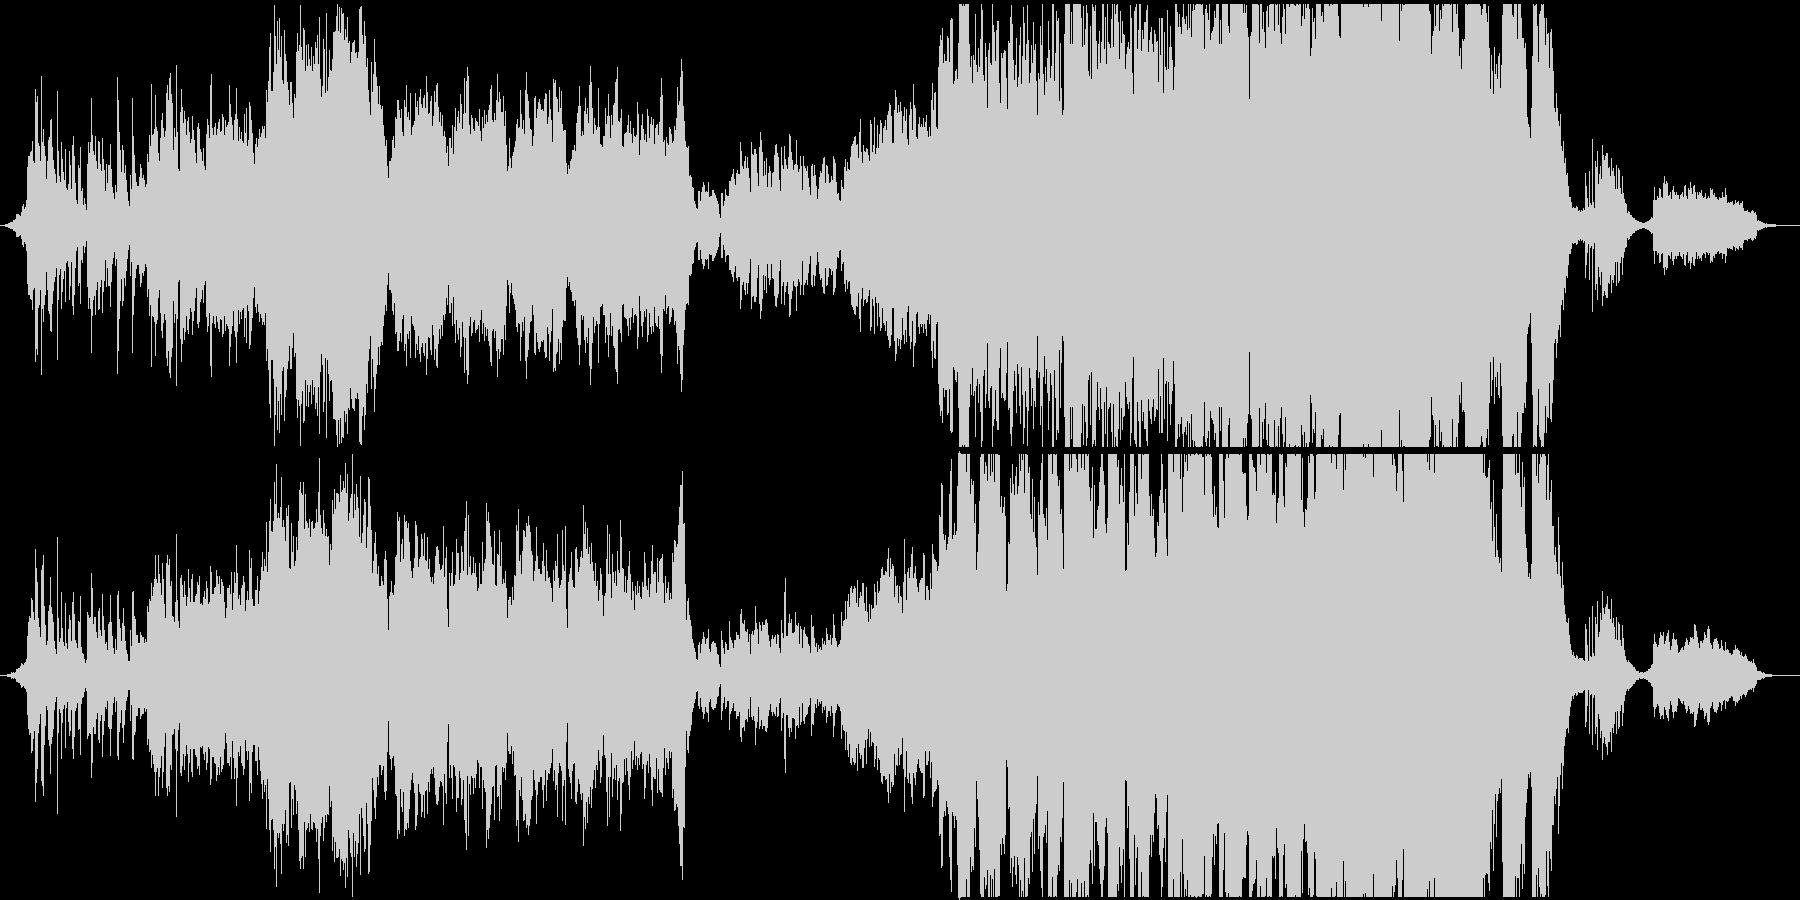 琴とオーケストラはんなり壮大な和風曲の未再生の波形